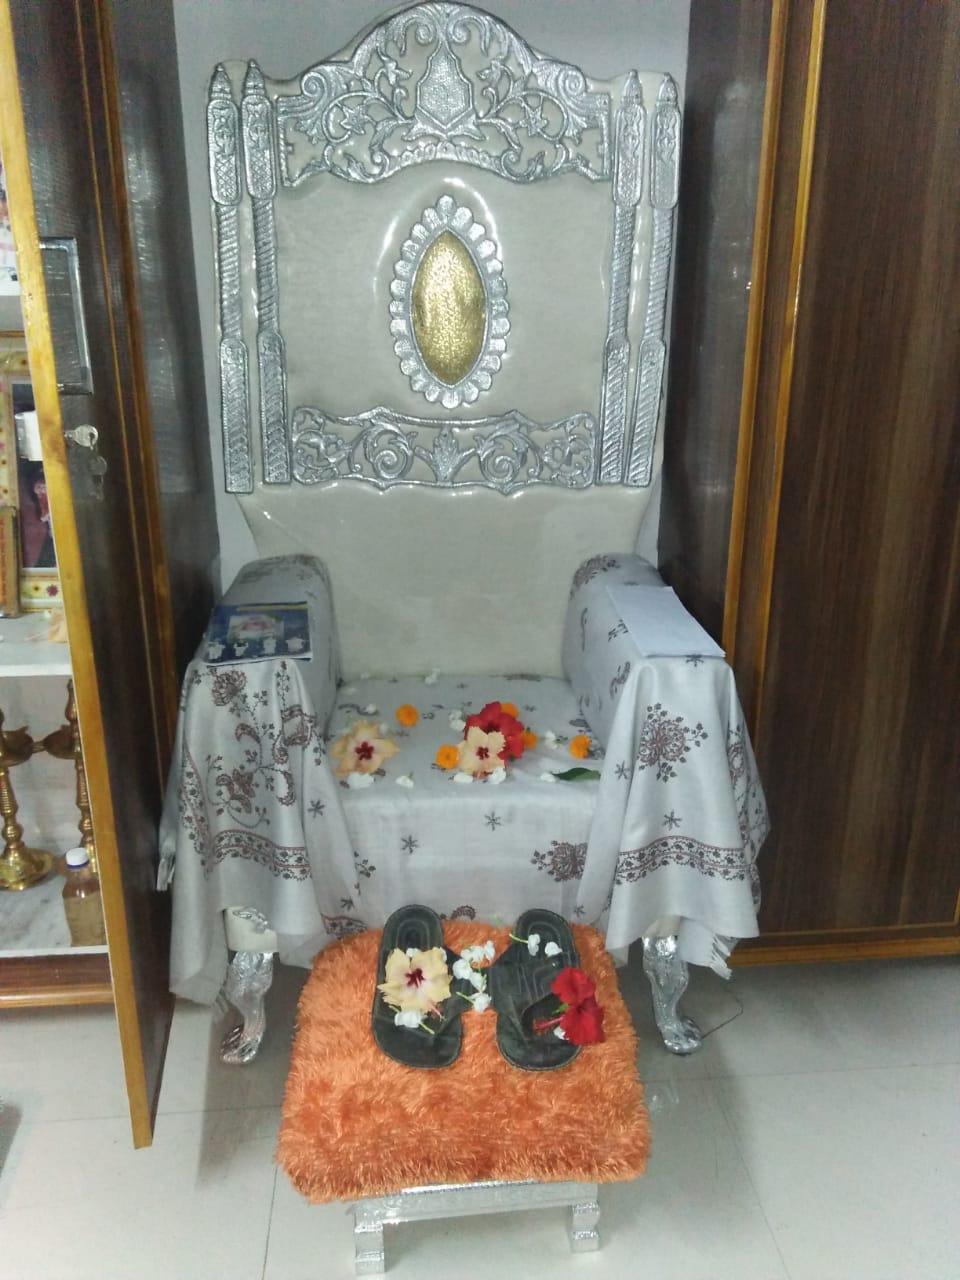 01-Aaradhana-Thetagunta-TuniMandal-16122019